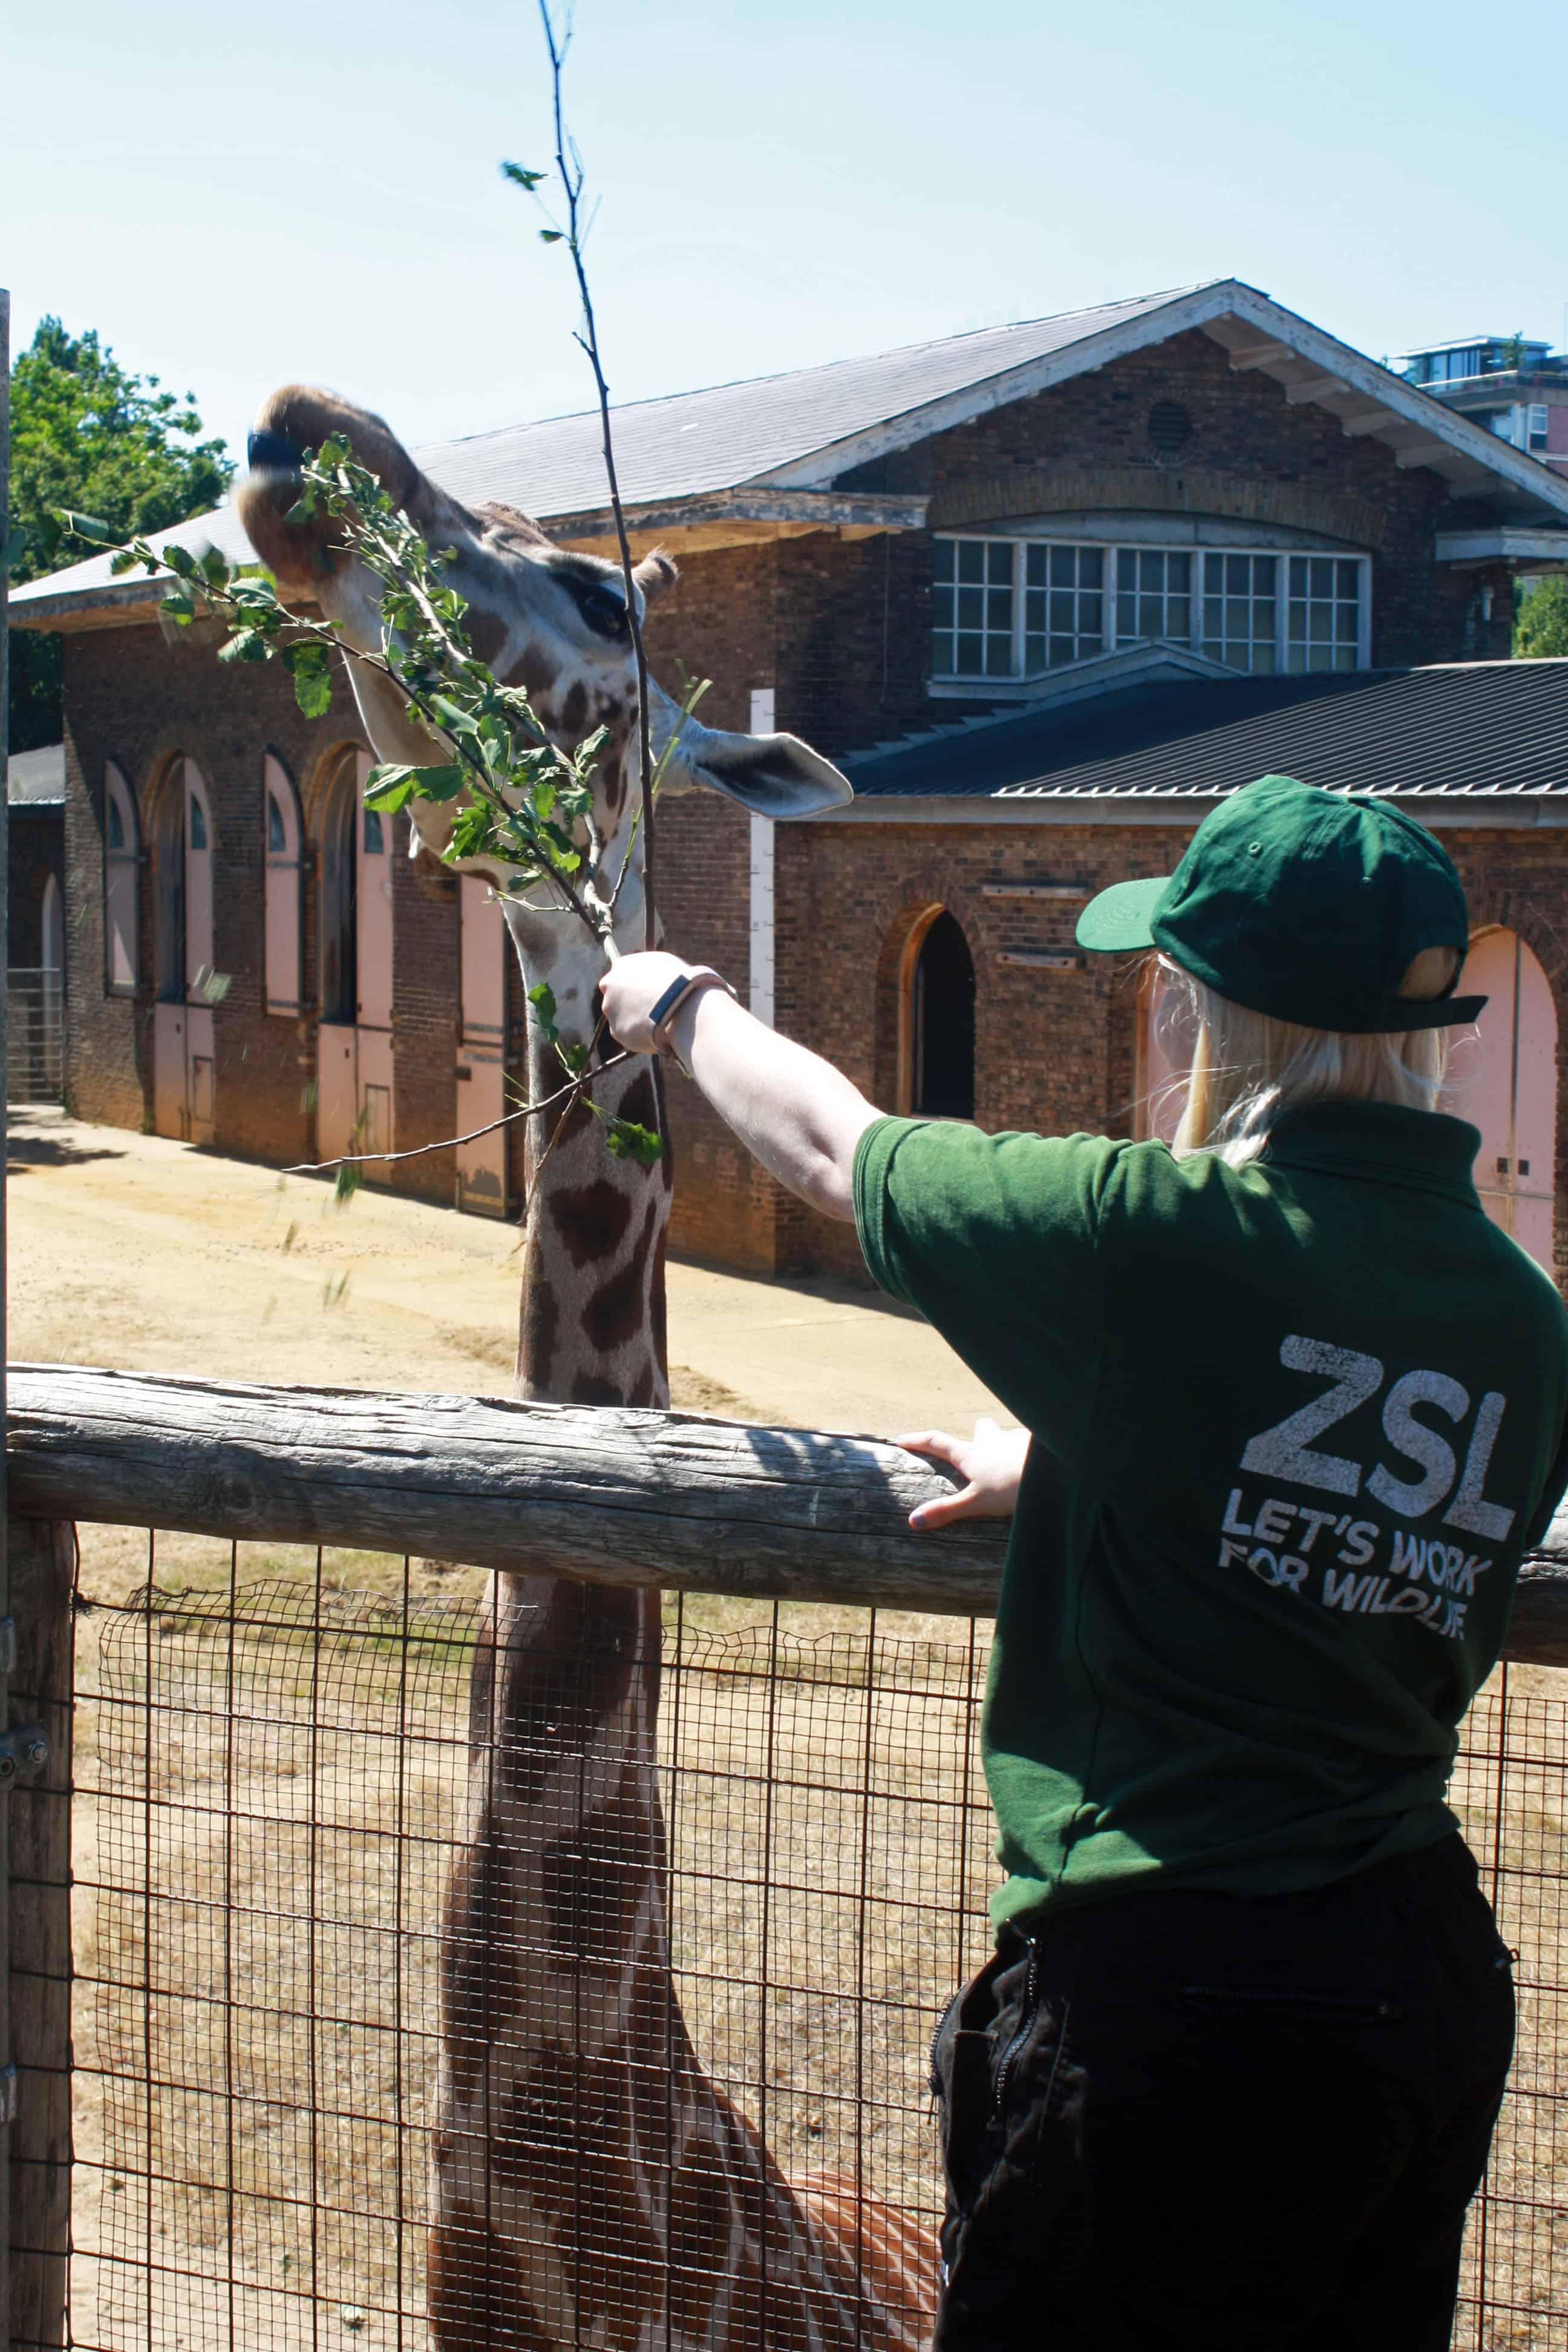 Giraffe eating at ZSL London Zoo